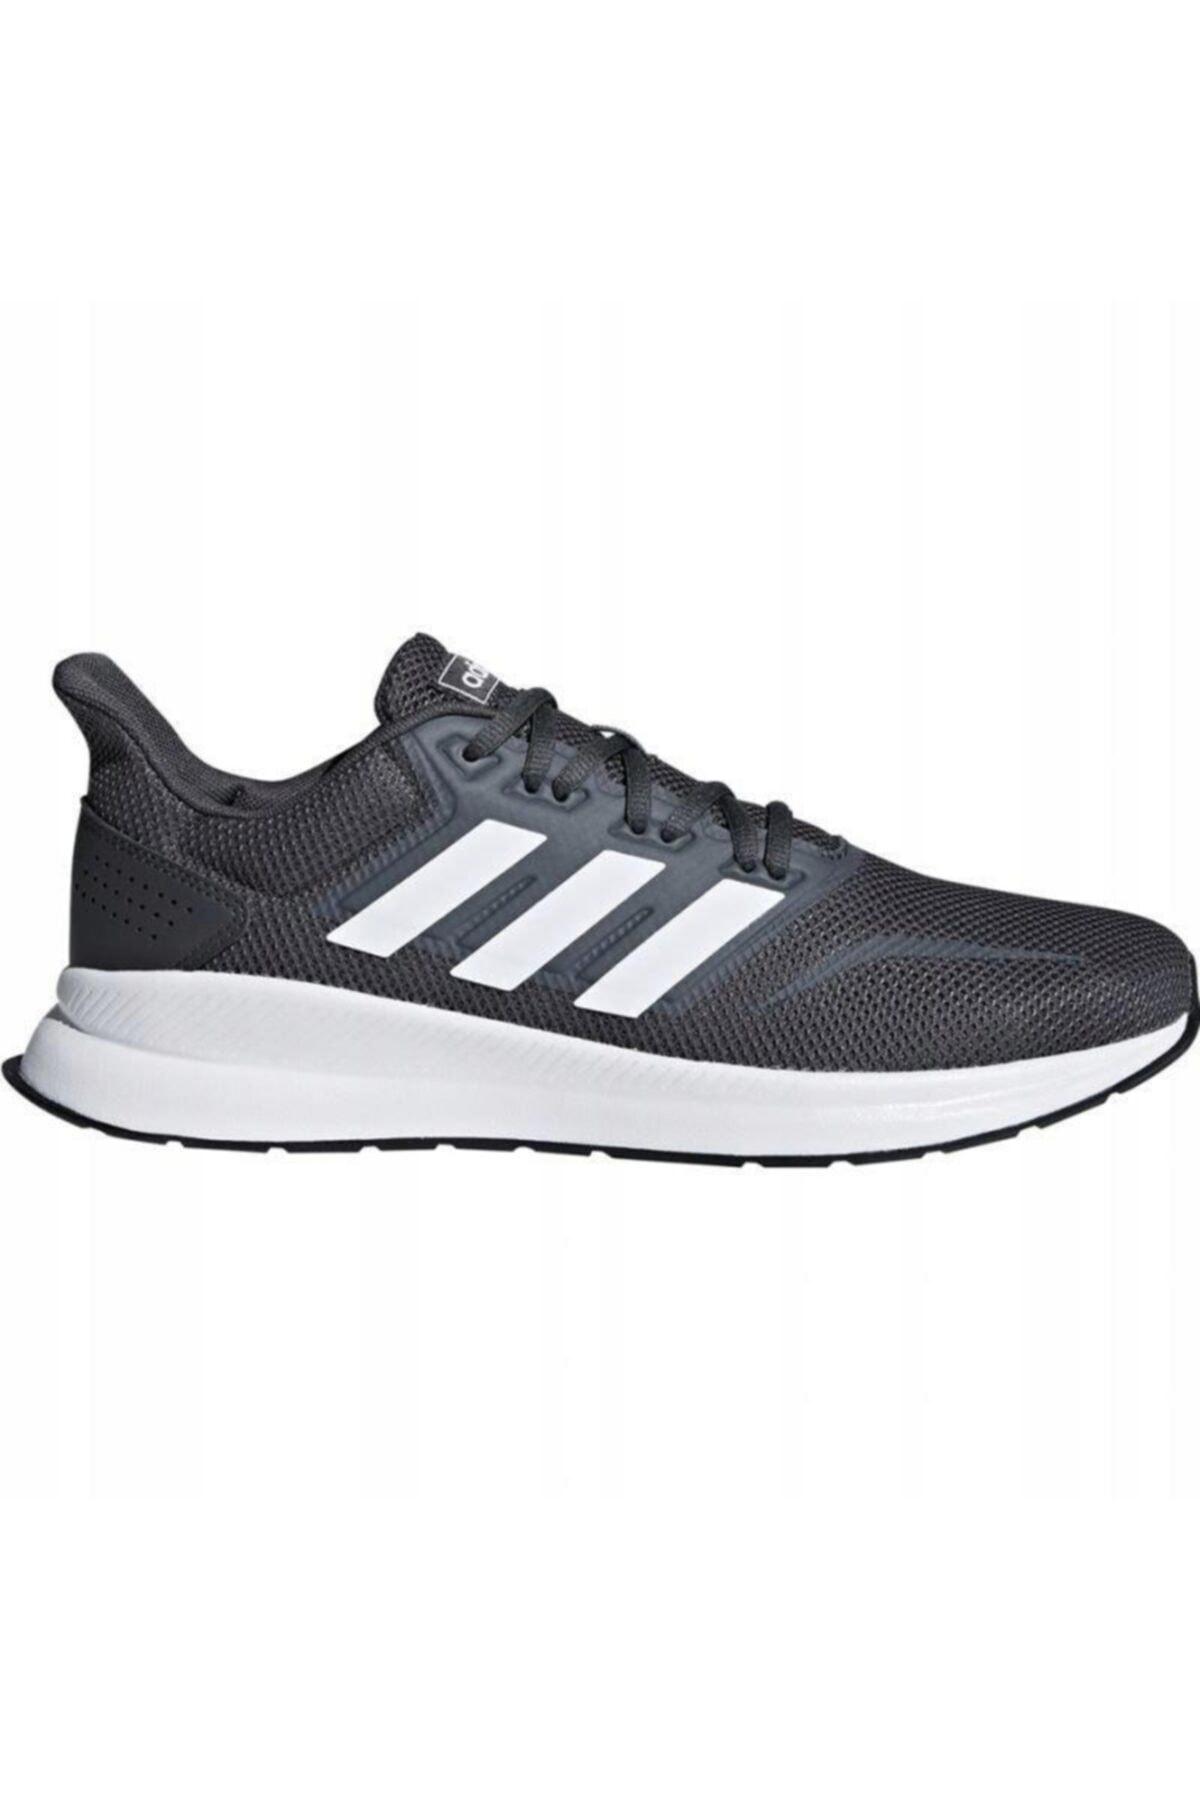 adidas F36200 Gri Erkek Koşu Ayakkabısı 100403635 1